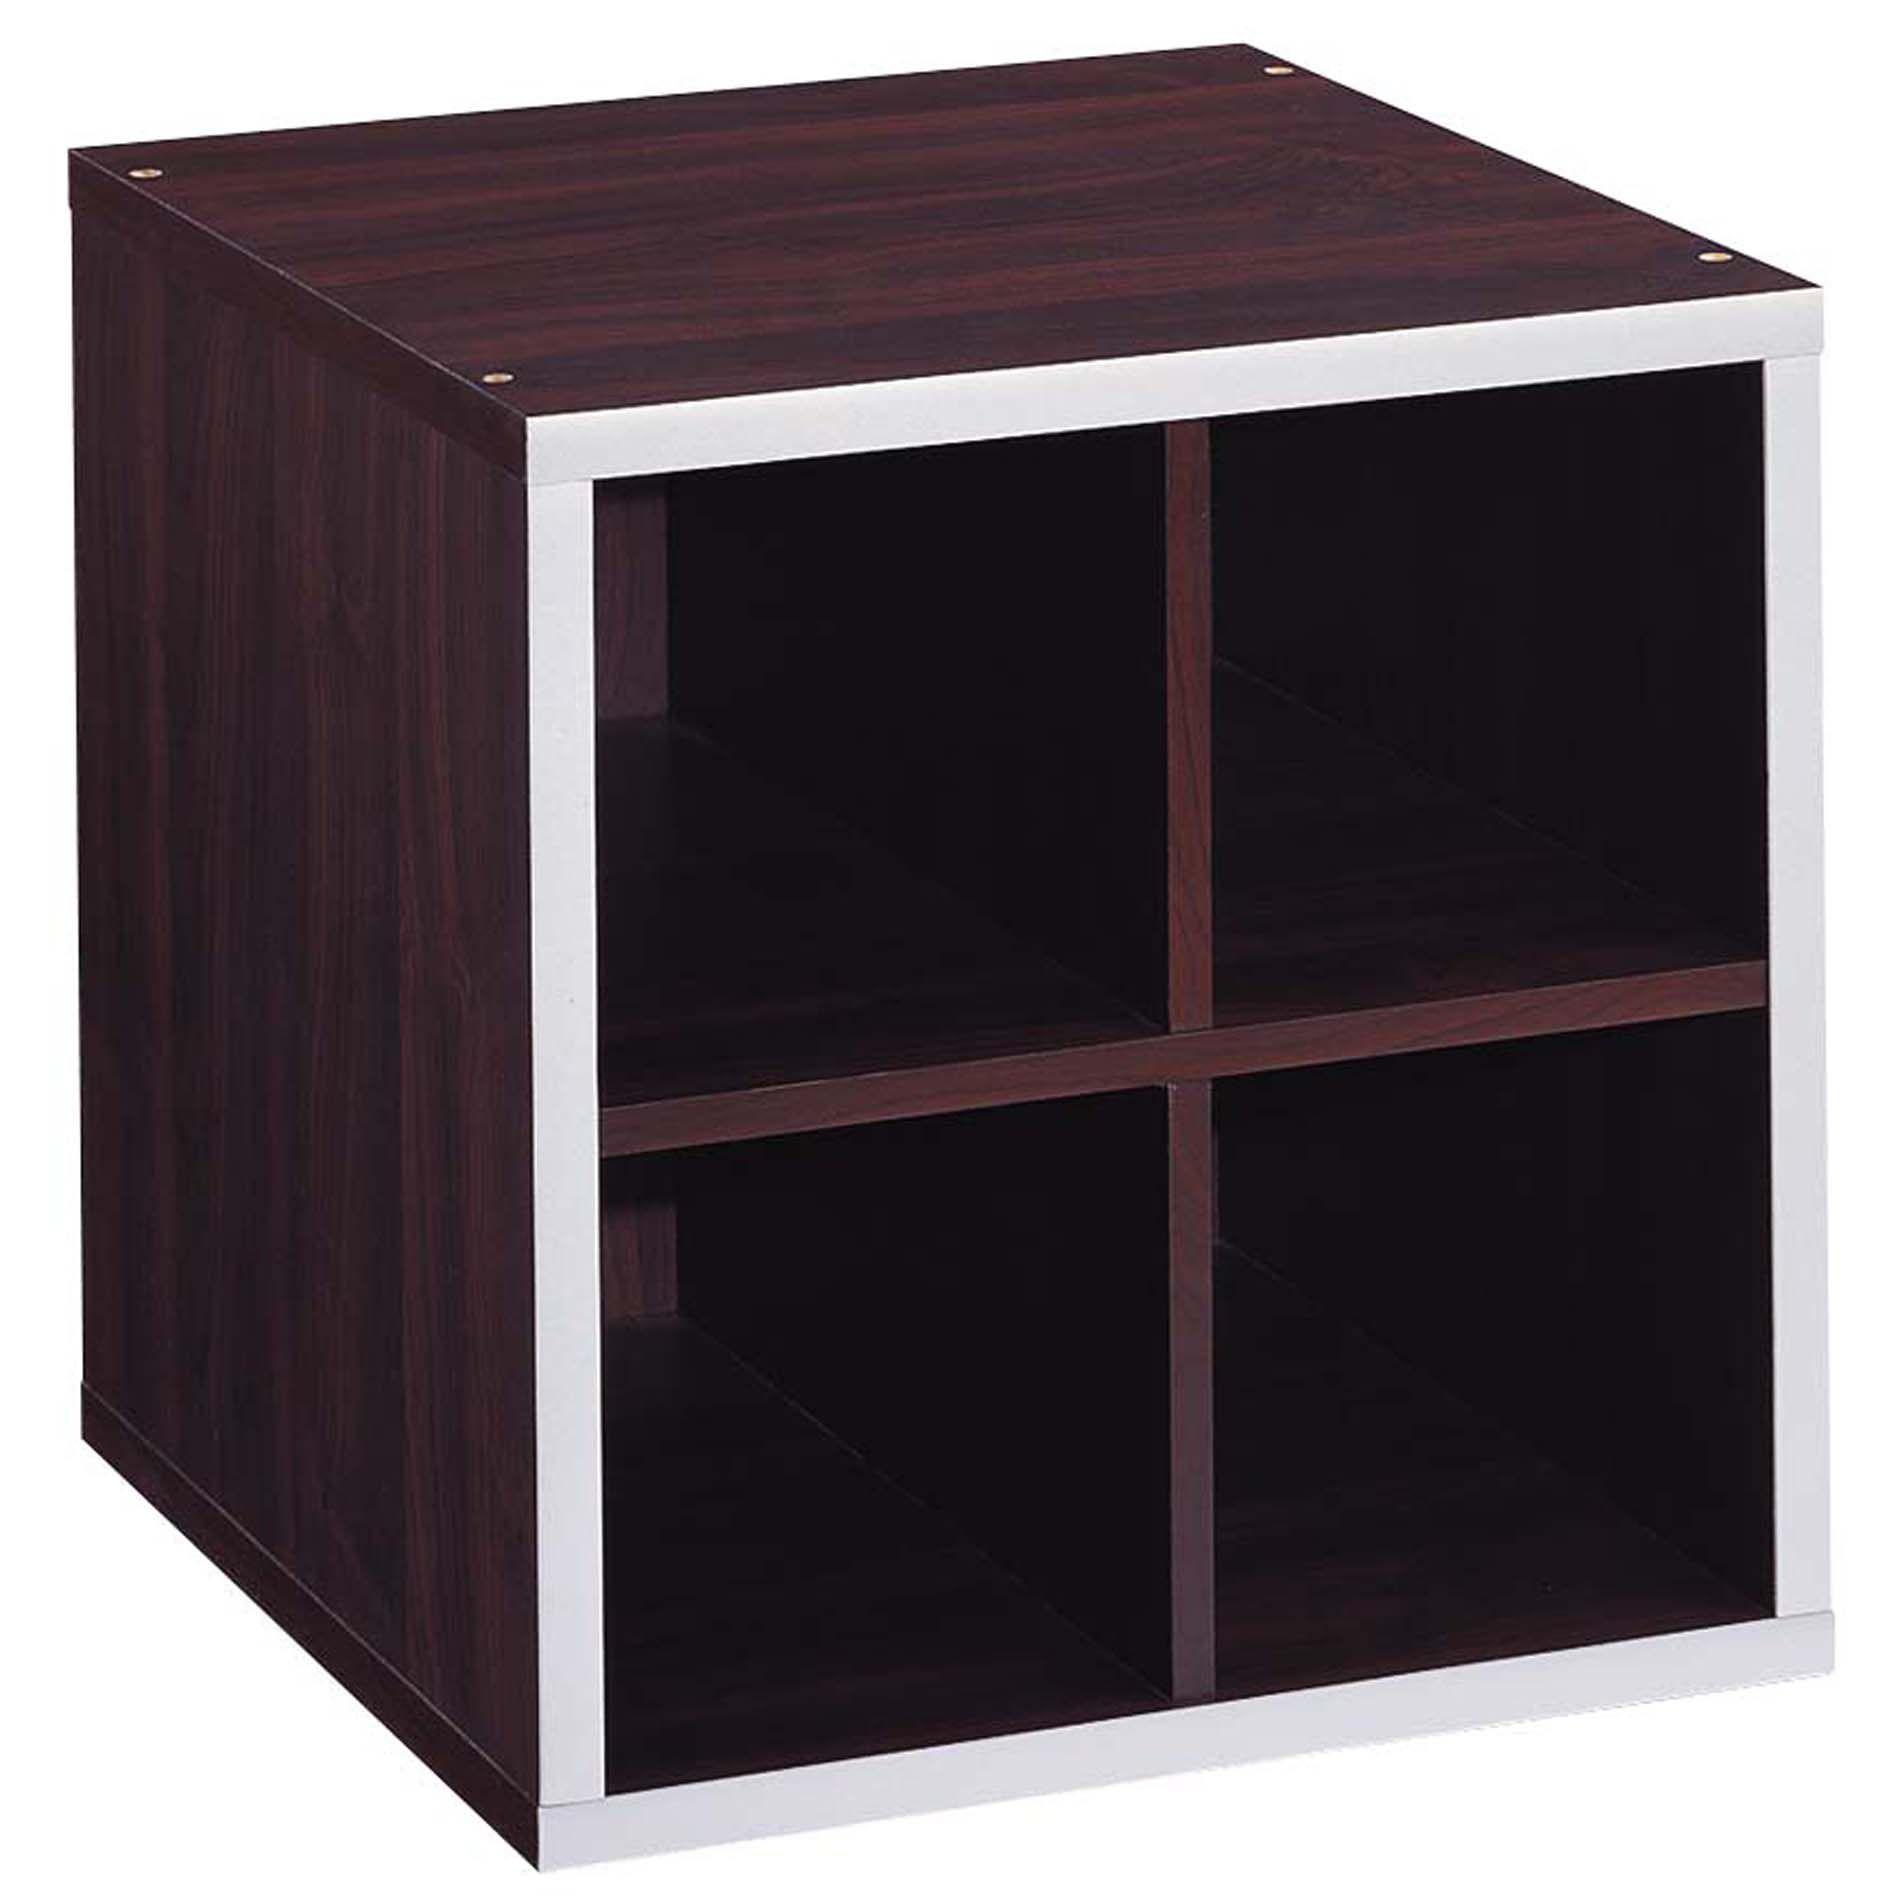 Neu Home e 4-Section Storage Cub - Espresso/Silver Trim